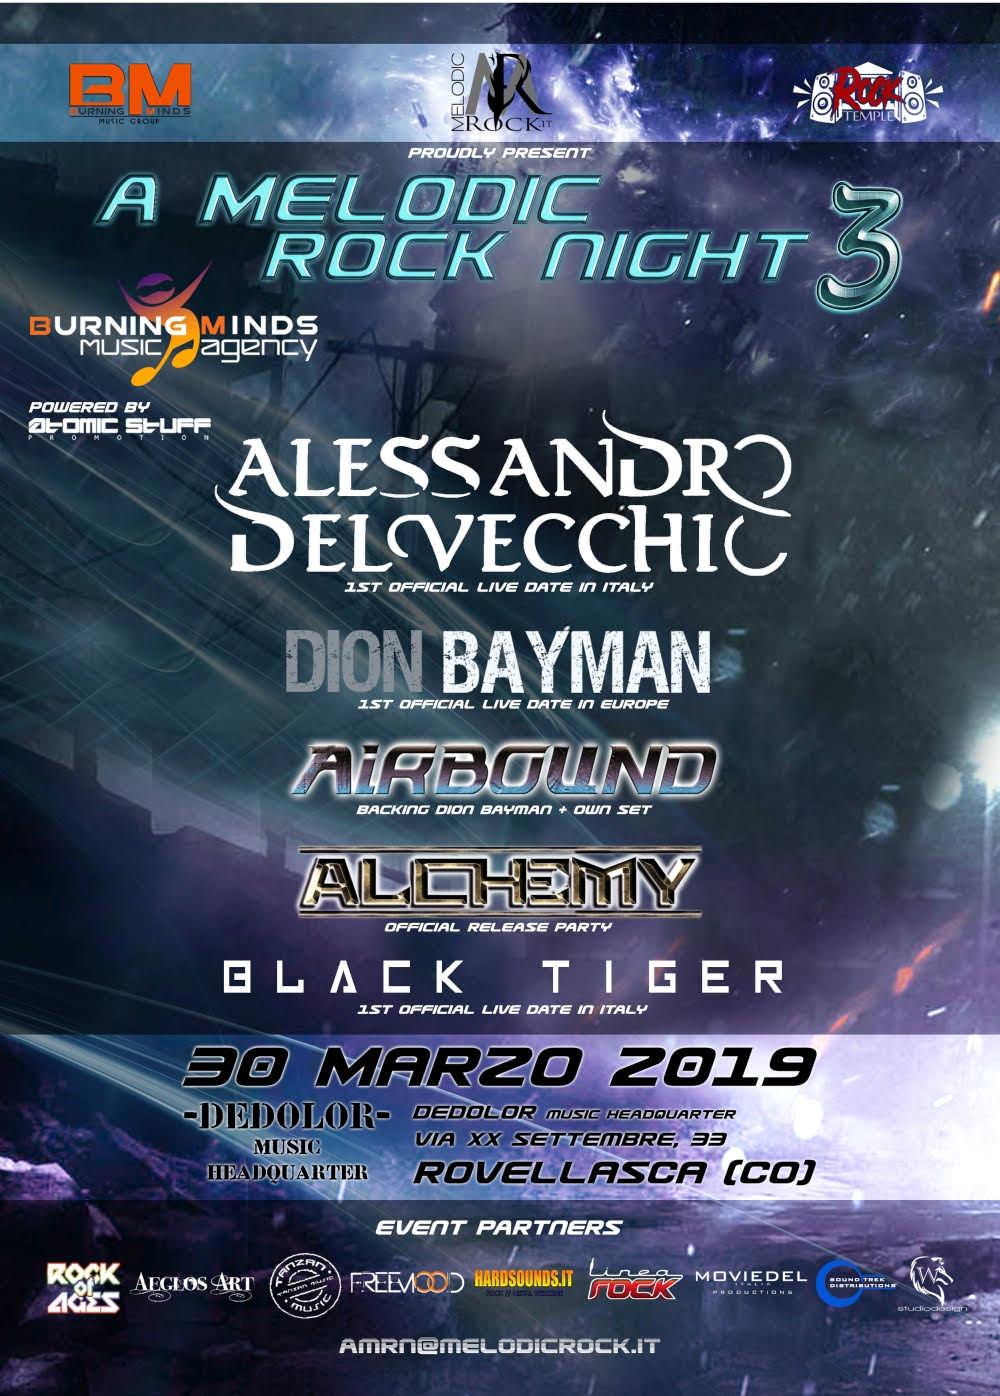 A Melodic Rock Night 3 – Tutti i dettagli dell'attesa terza edizione